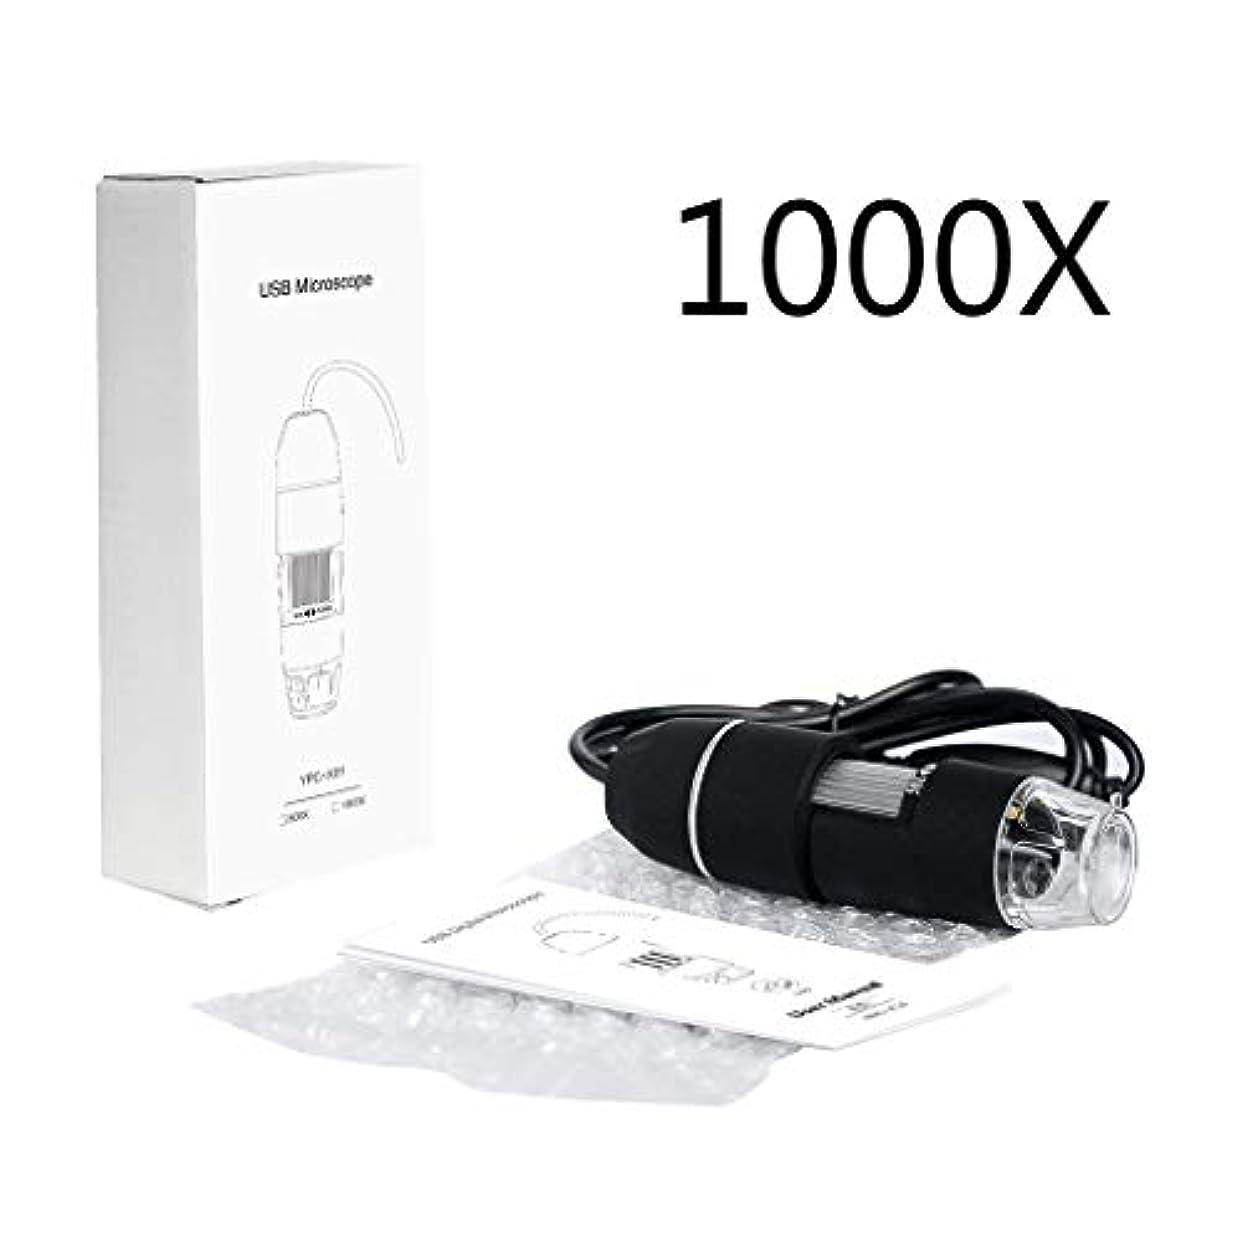 テントライター粘土USBマイクロスコープ、電話の修理はんだ、皮膚検査、繊維検査、宝石検査のための8ツェッペリン、多目的拡大鏡顕微鏡、とハンドヘルド1000XデジタルUSB顕微鏡